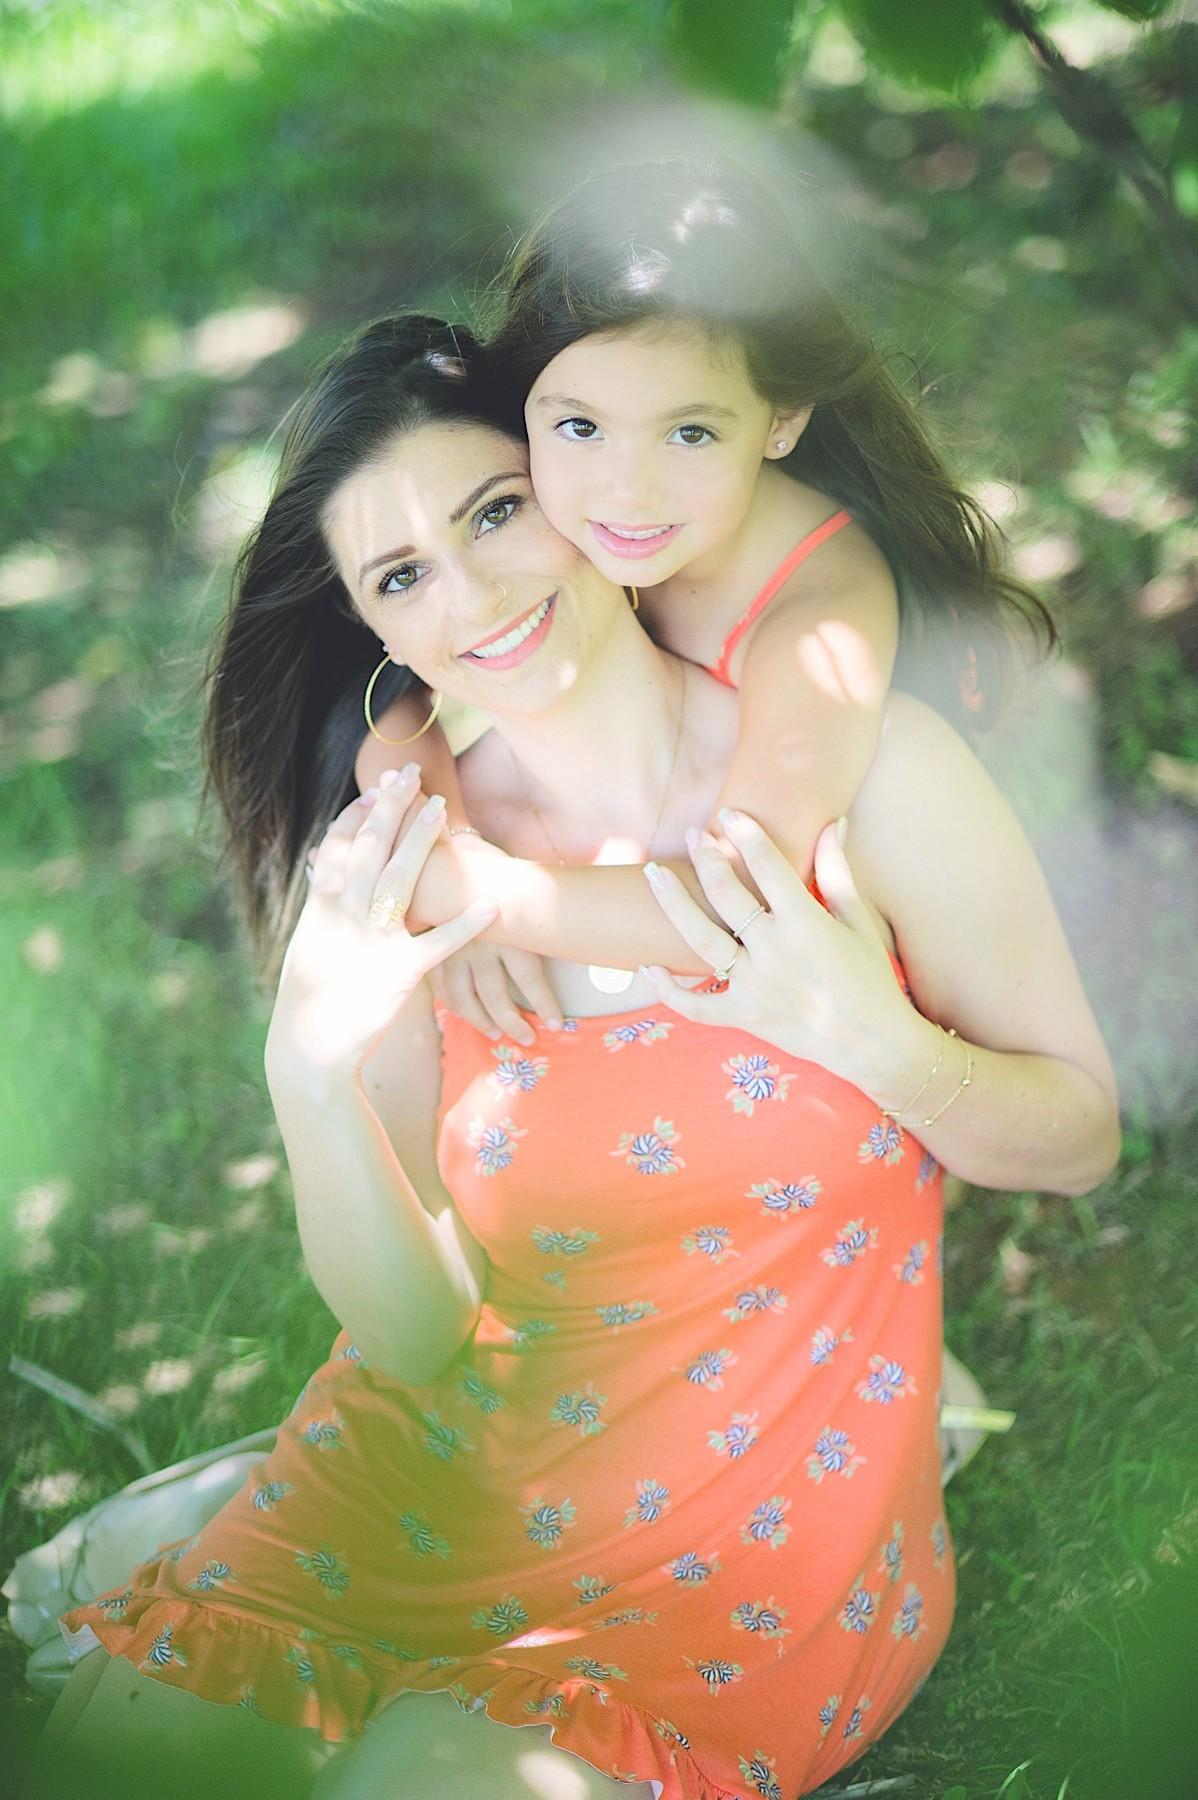 ensaio mãe e filha - ensaio externo - book - ensaio fotográfico - ao ar livre - campo alegre - chroma fotografia